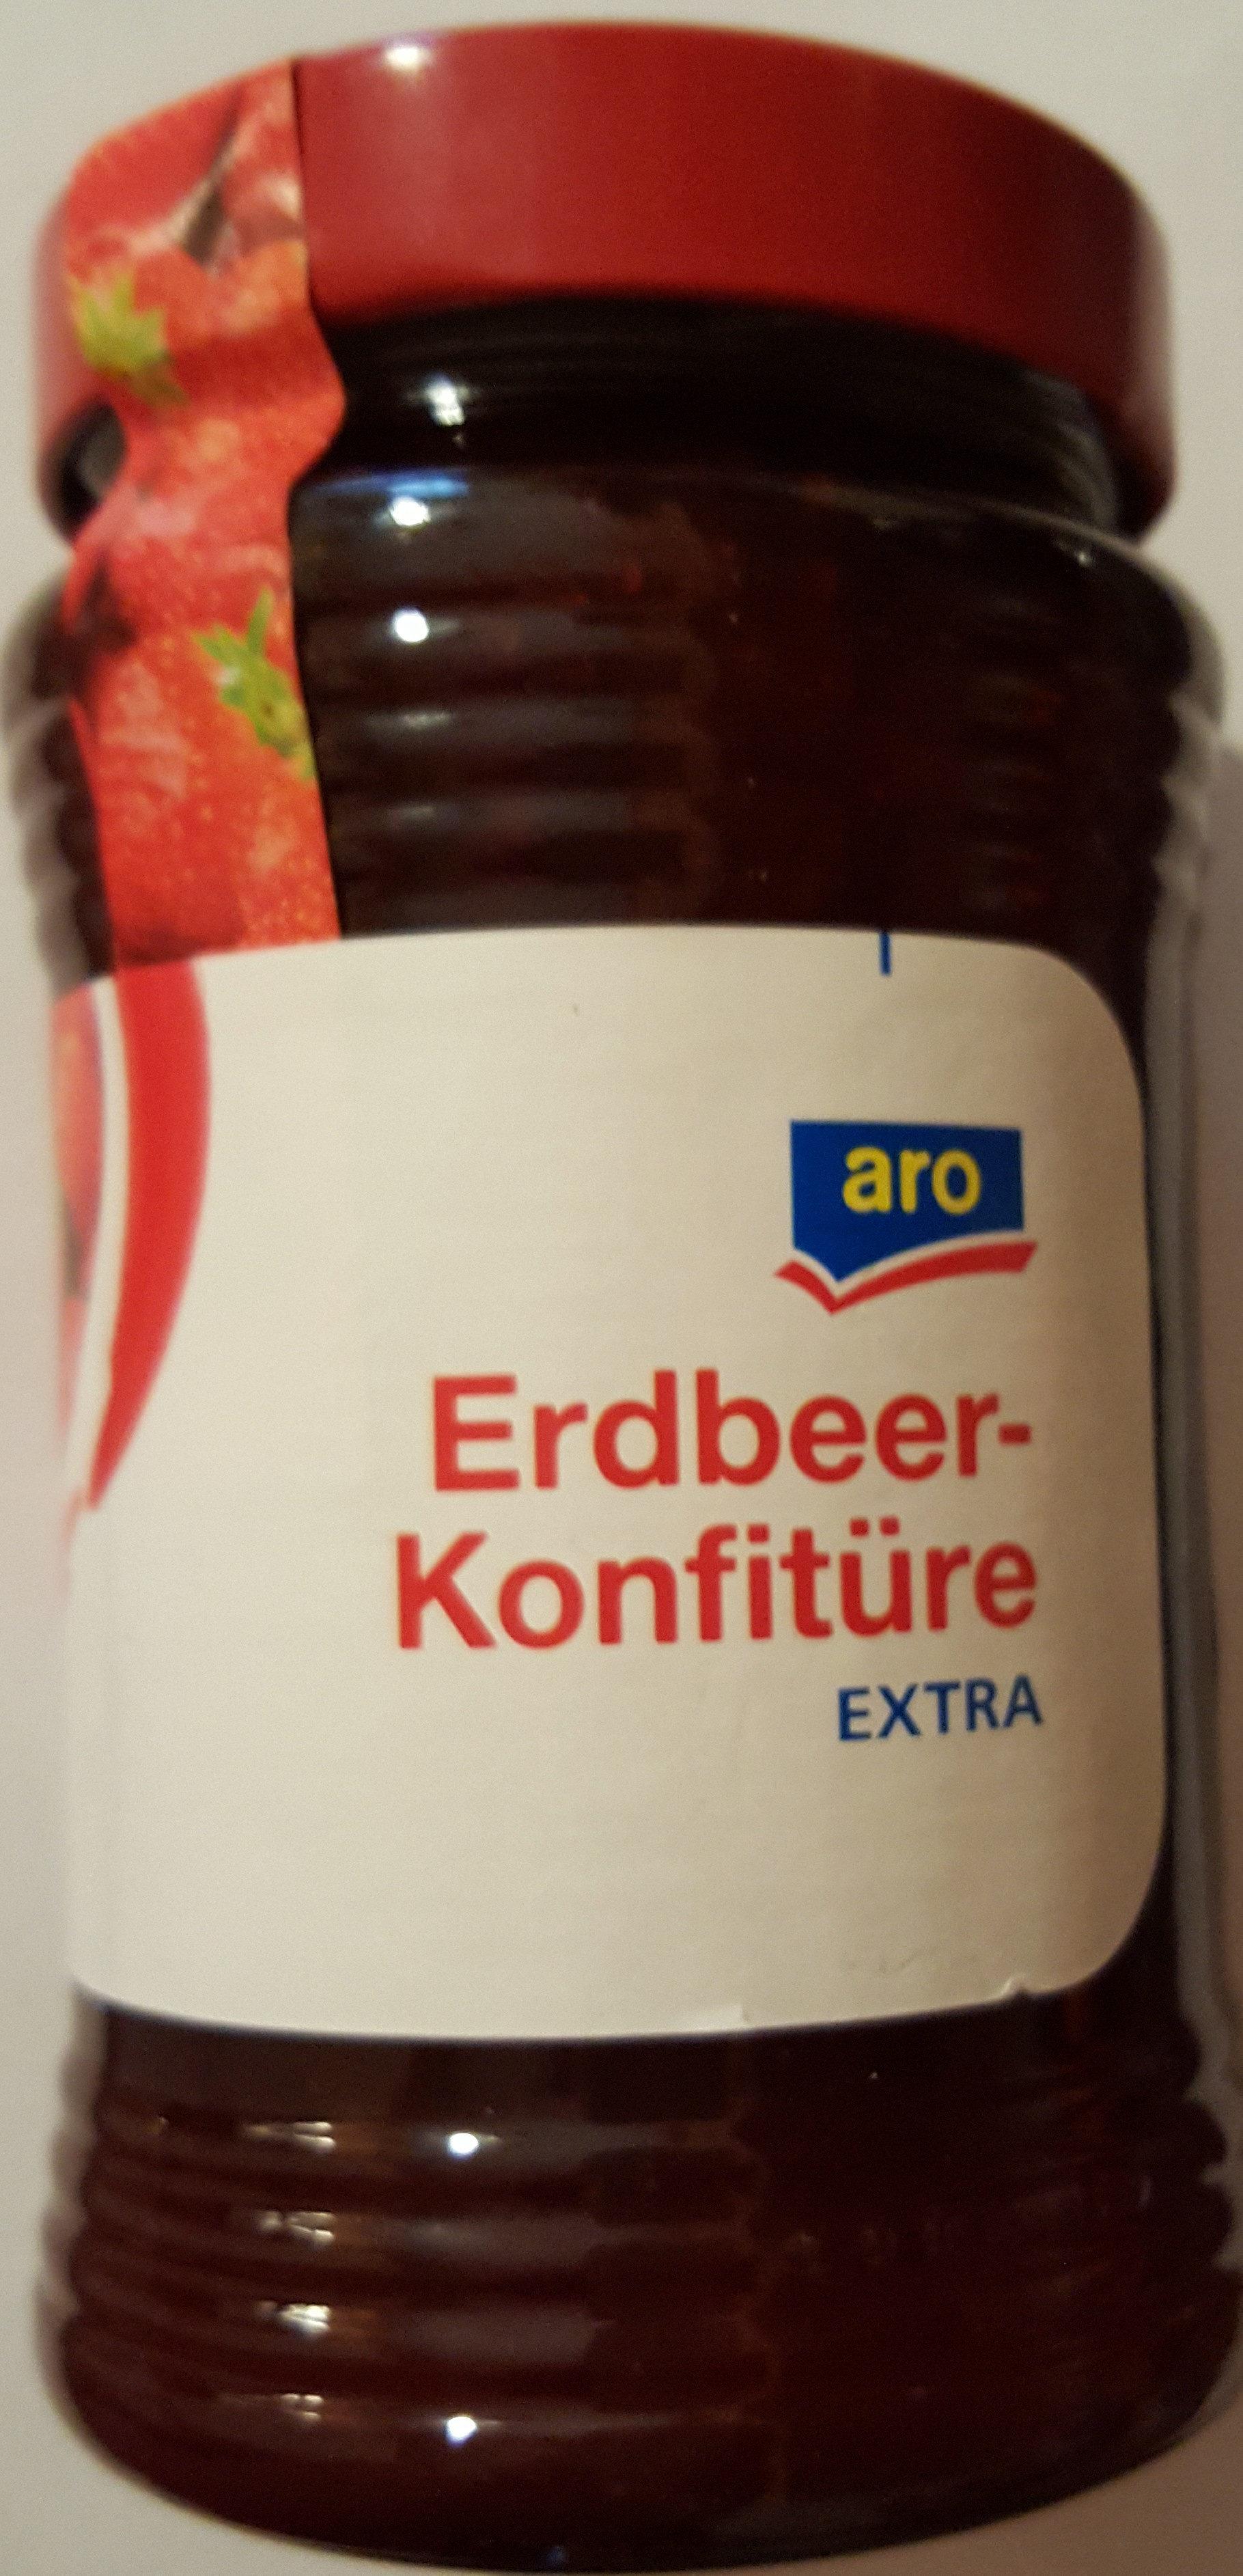 Erdbeer-Konfitüre - Produit - de